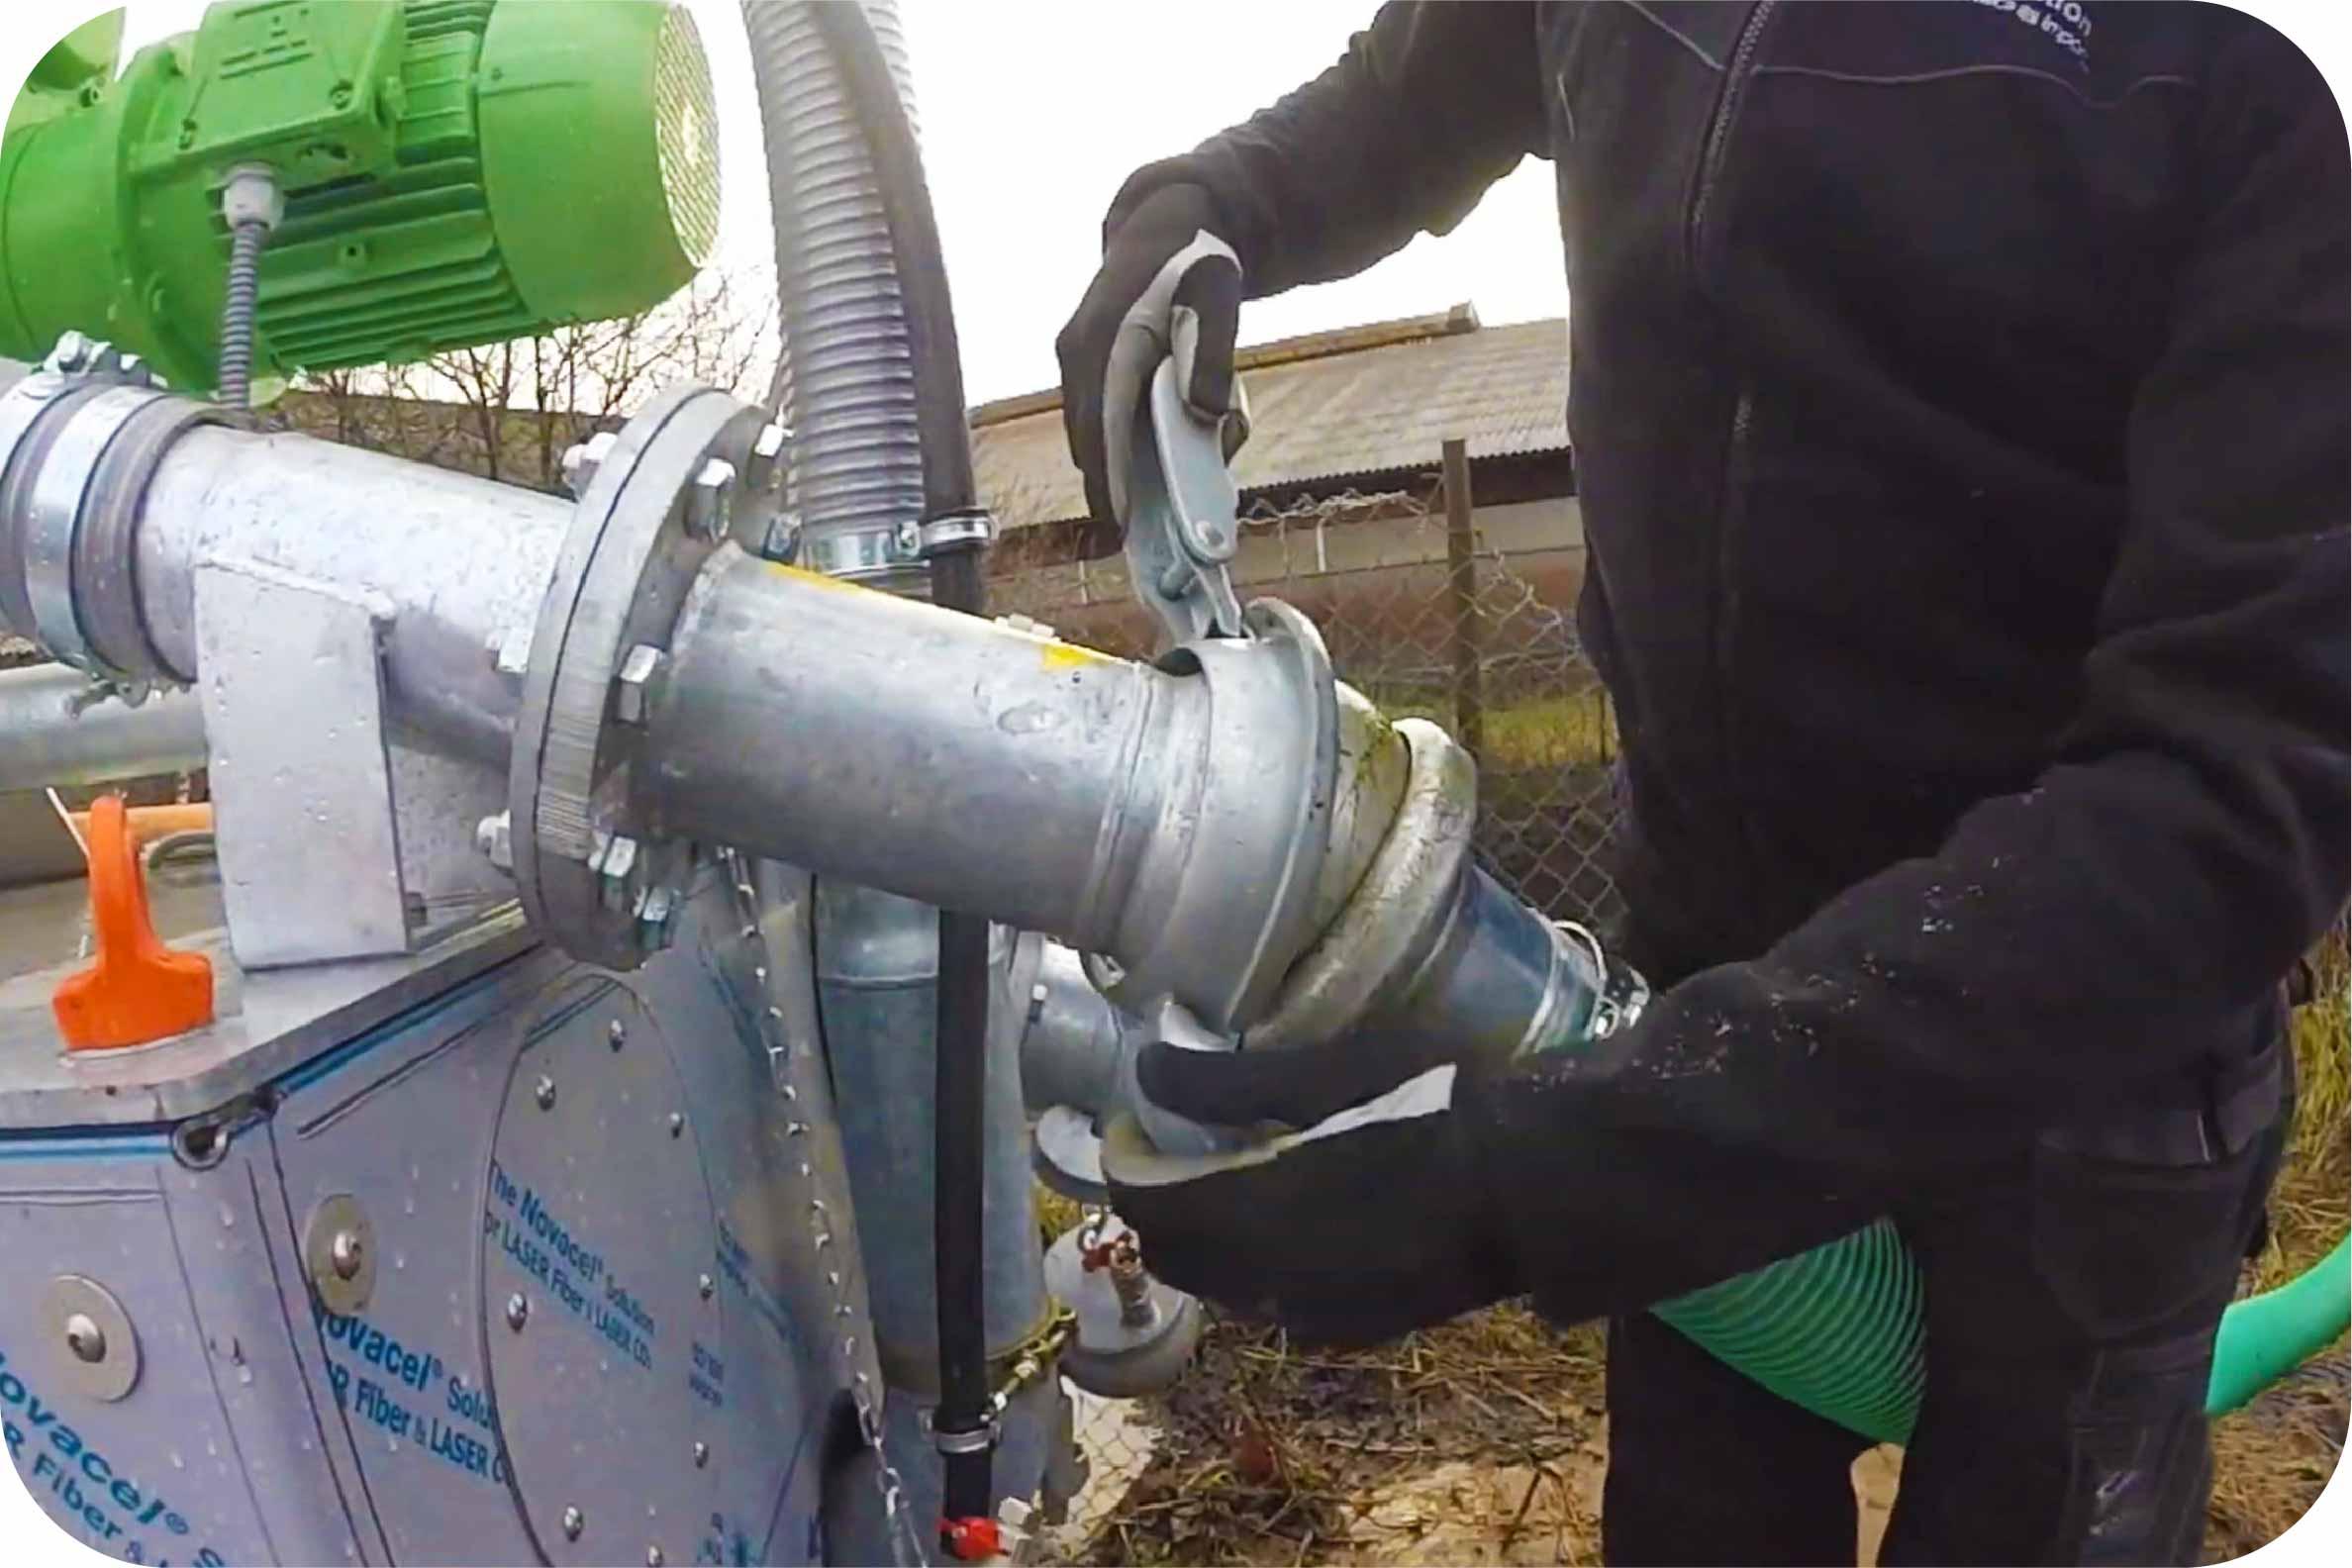 Bauer koppelingen worden voornamelijk toegepast voor beregening, mest transport en bronnering.